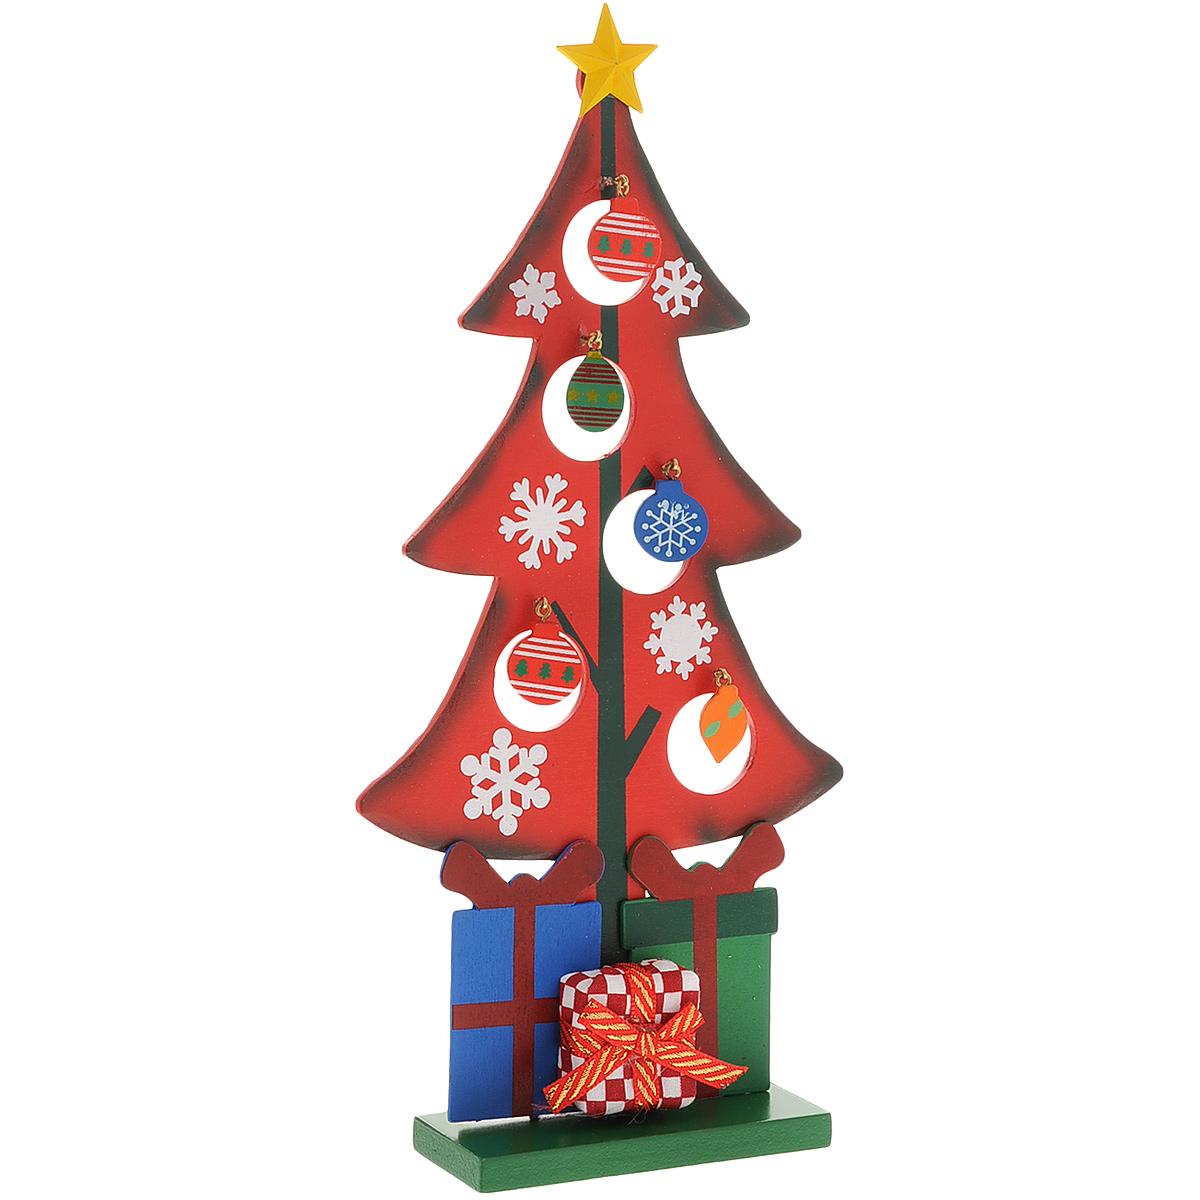 Украшение новогоднее Рождественская елочка, цвет: красный, 28 см. 35265692722Украшение Рождественская елочка, изготовленное из дерева, отлично подойдет для декорации вашего дома. Украшение выполнено в виде ели на прямоугольной подставке. Елка украшена снежинками, подарками, новогодними игрушками на металлических крючках и верхушкой-звездой. Новогодние украшения всегда несут в себе волшебство и красоту праздника. Создайте в своем доме атмосферу тепла, веселья и радости, украшая его всей семьей.